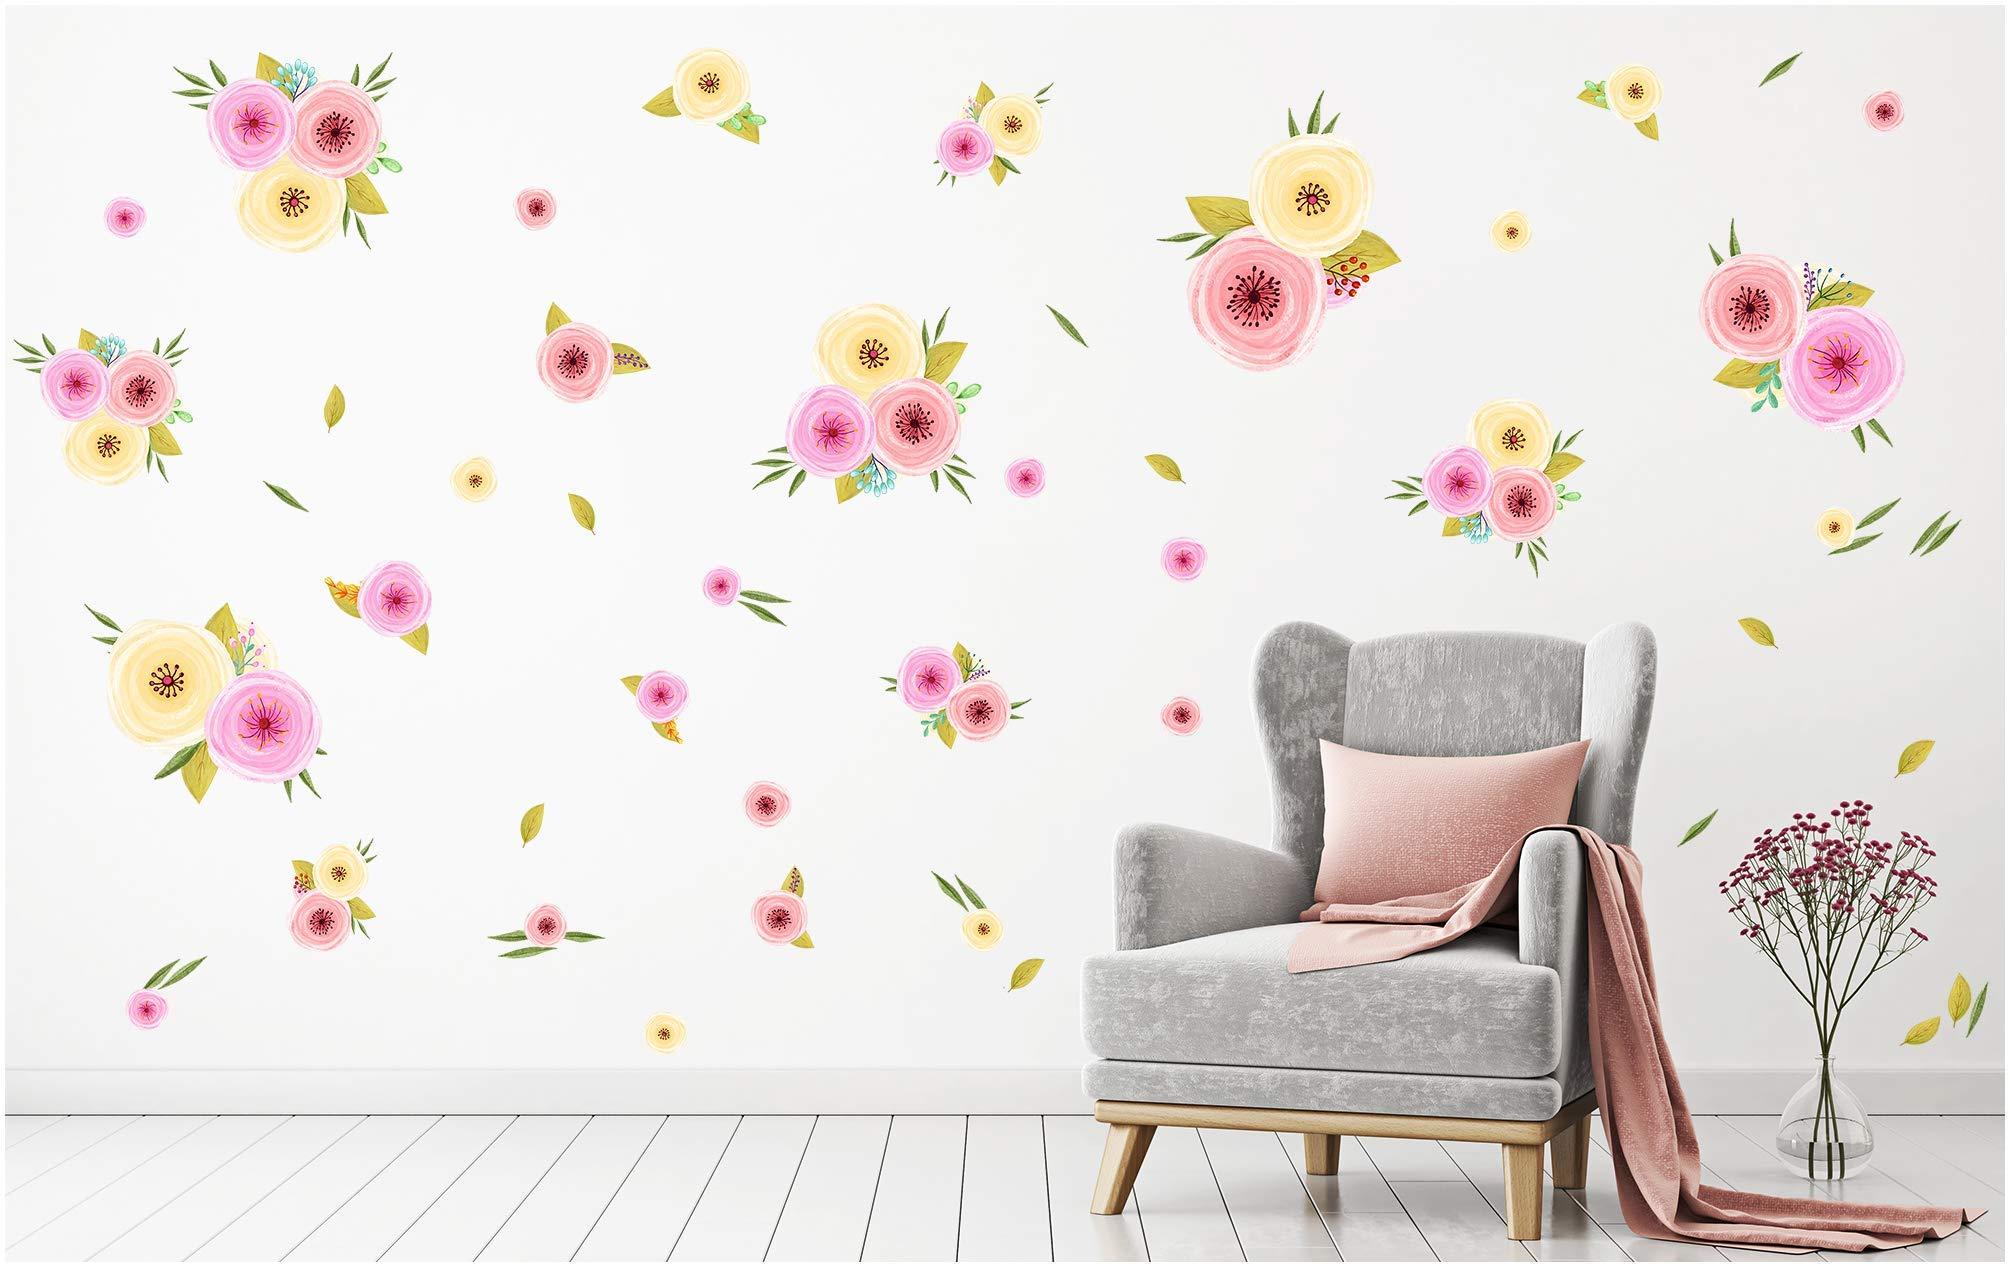 Vinilo Decorativo Pared [7MBC4T1J] flores